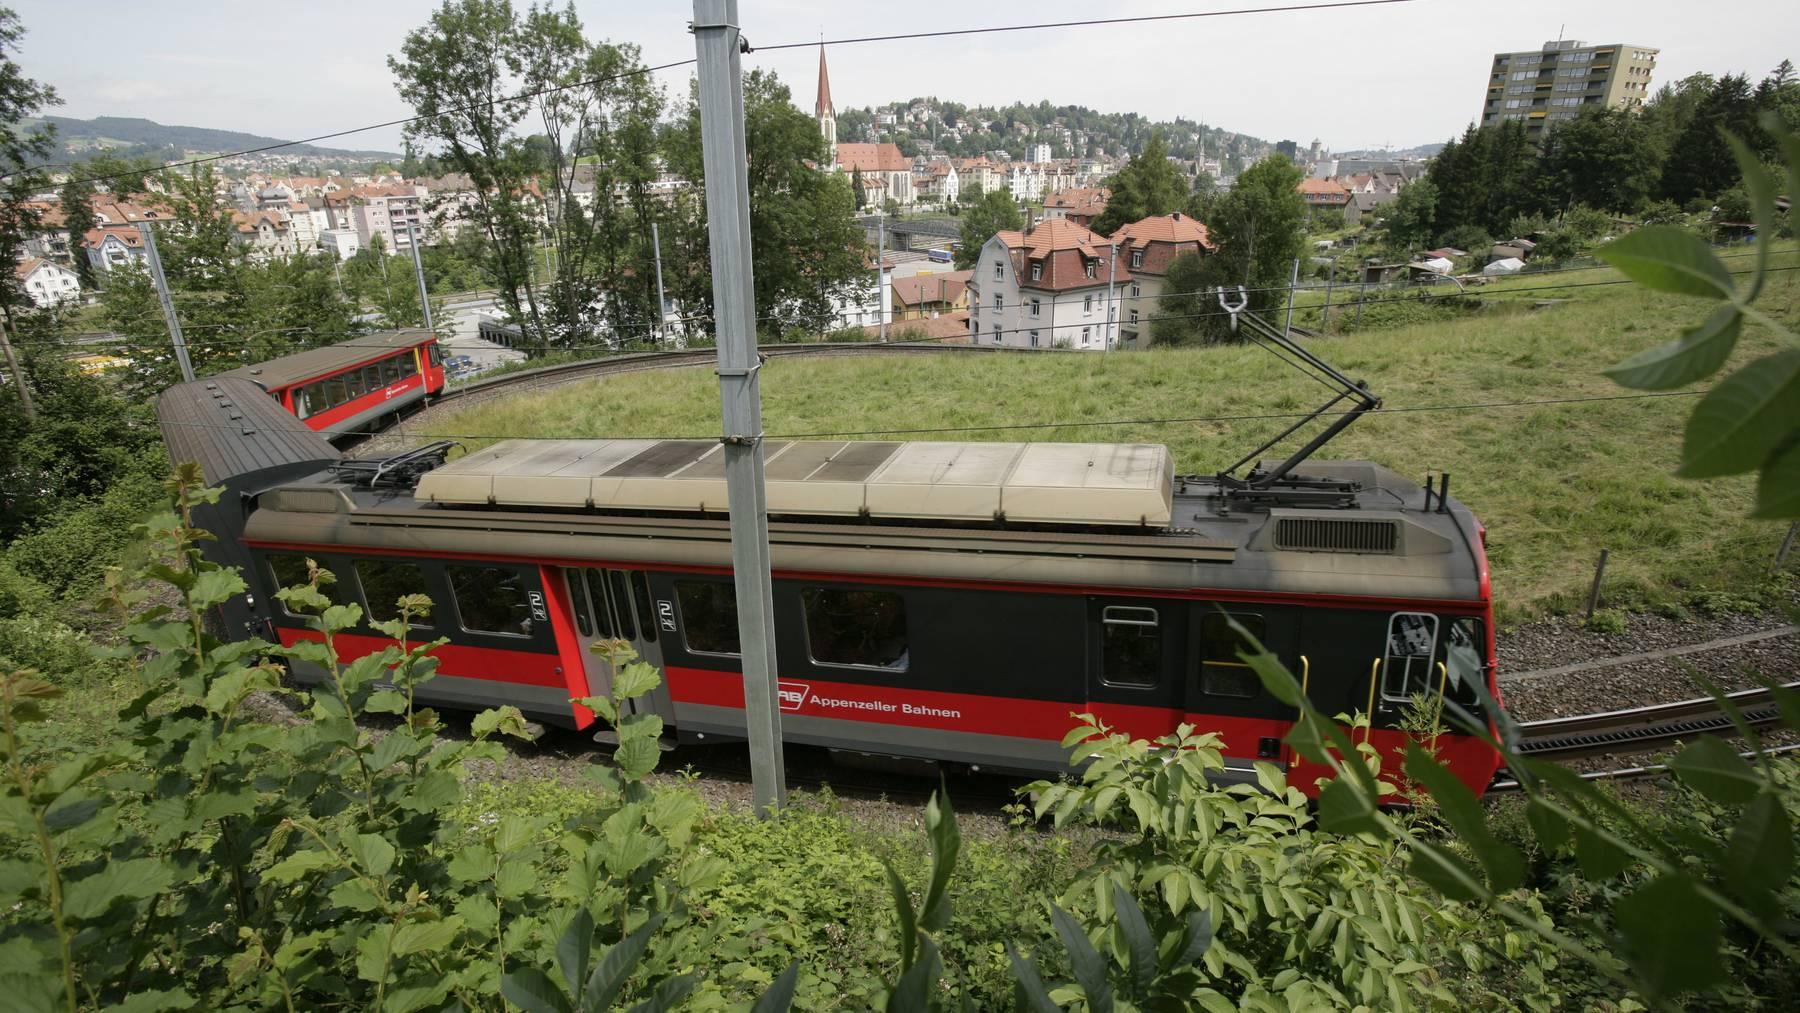 Das Logo der Appenzeller Bahn ist vielleicht auch bald in Kamerun zu sehen.